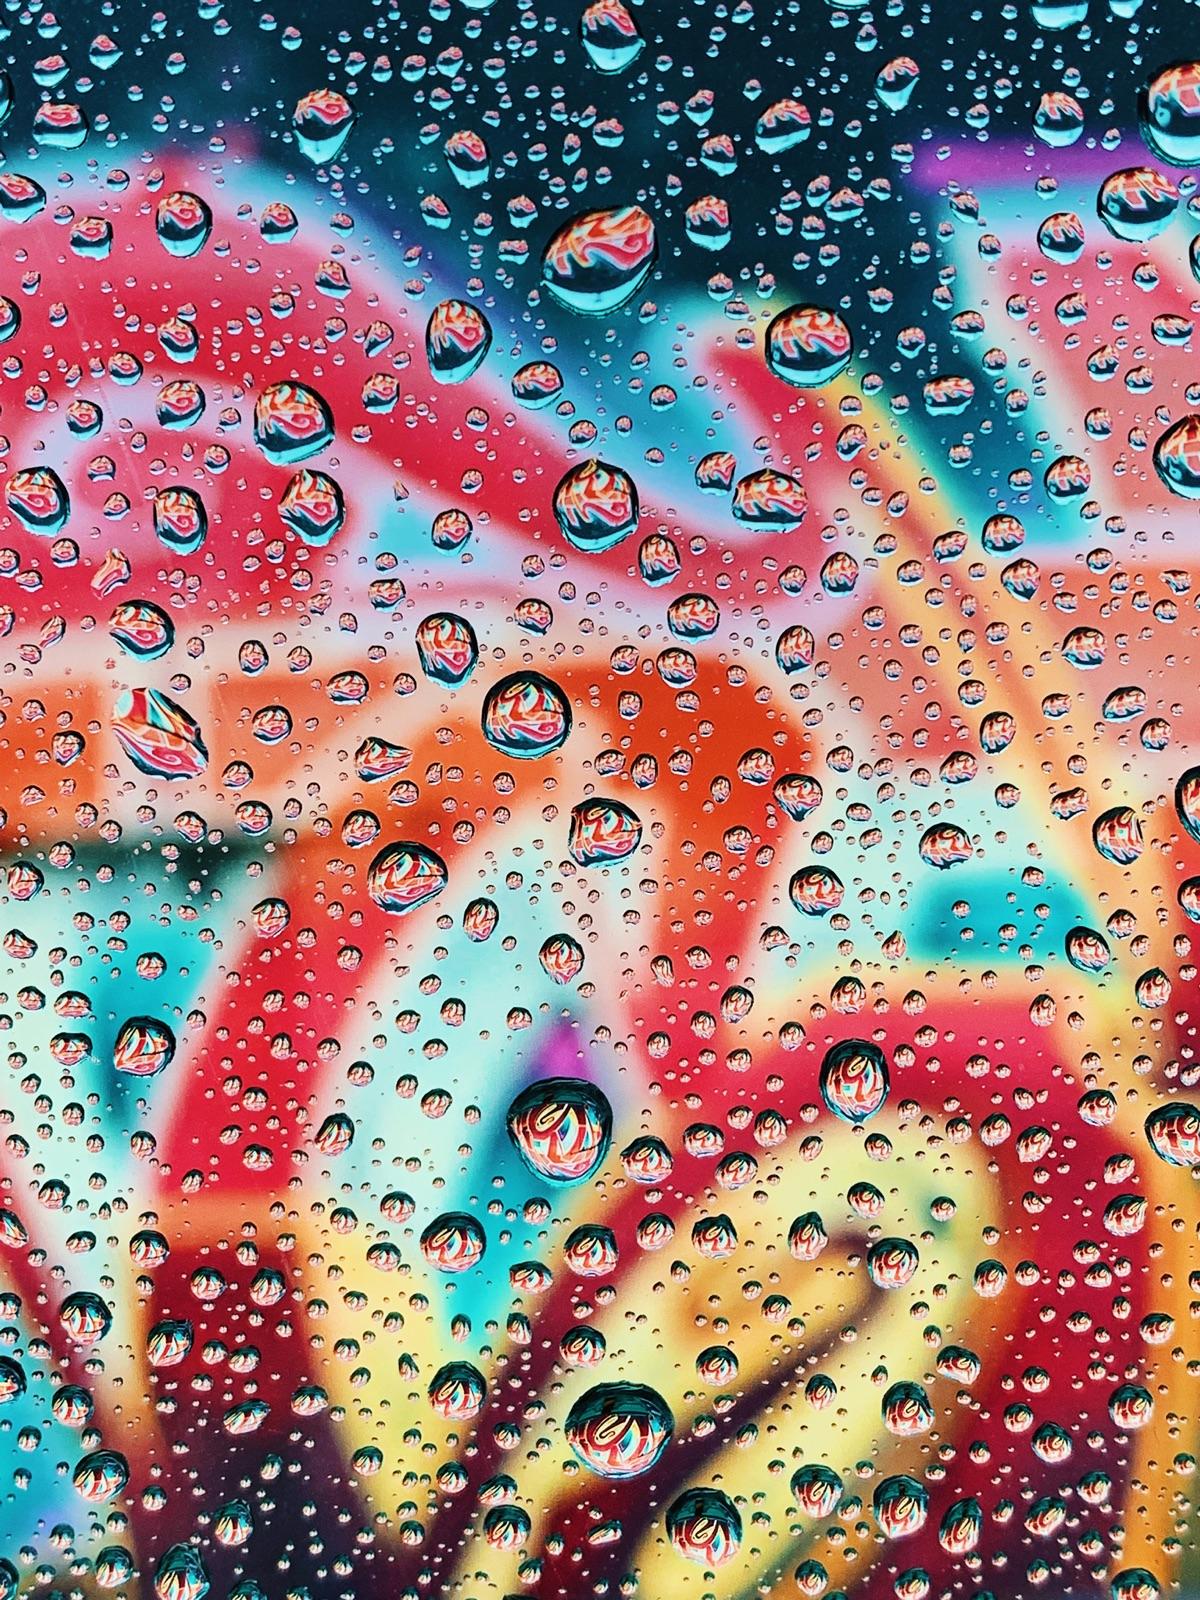 foto van waterdruppels op een ruit met allemaal kleuren erachter